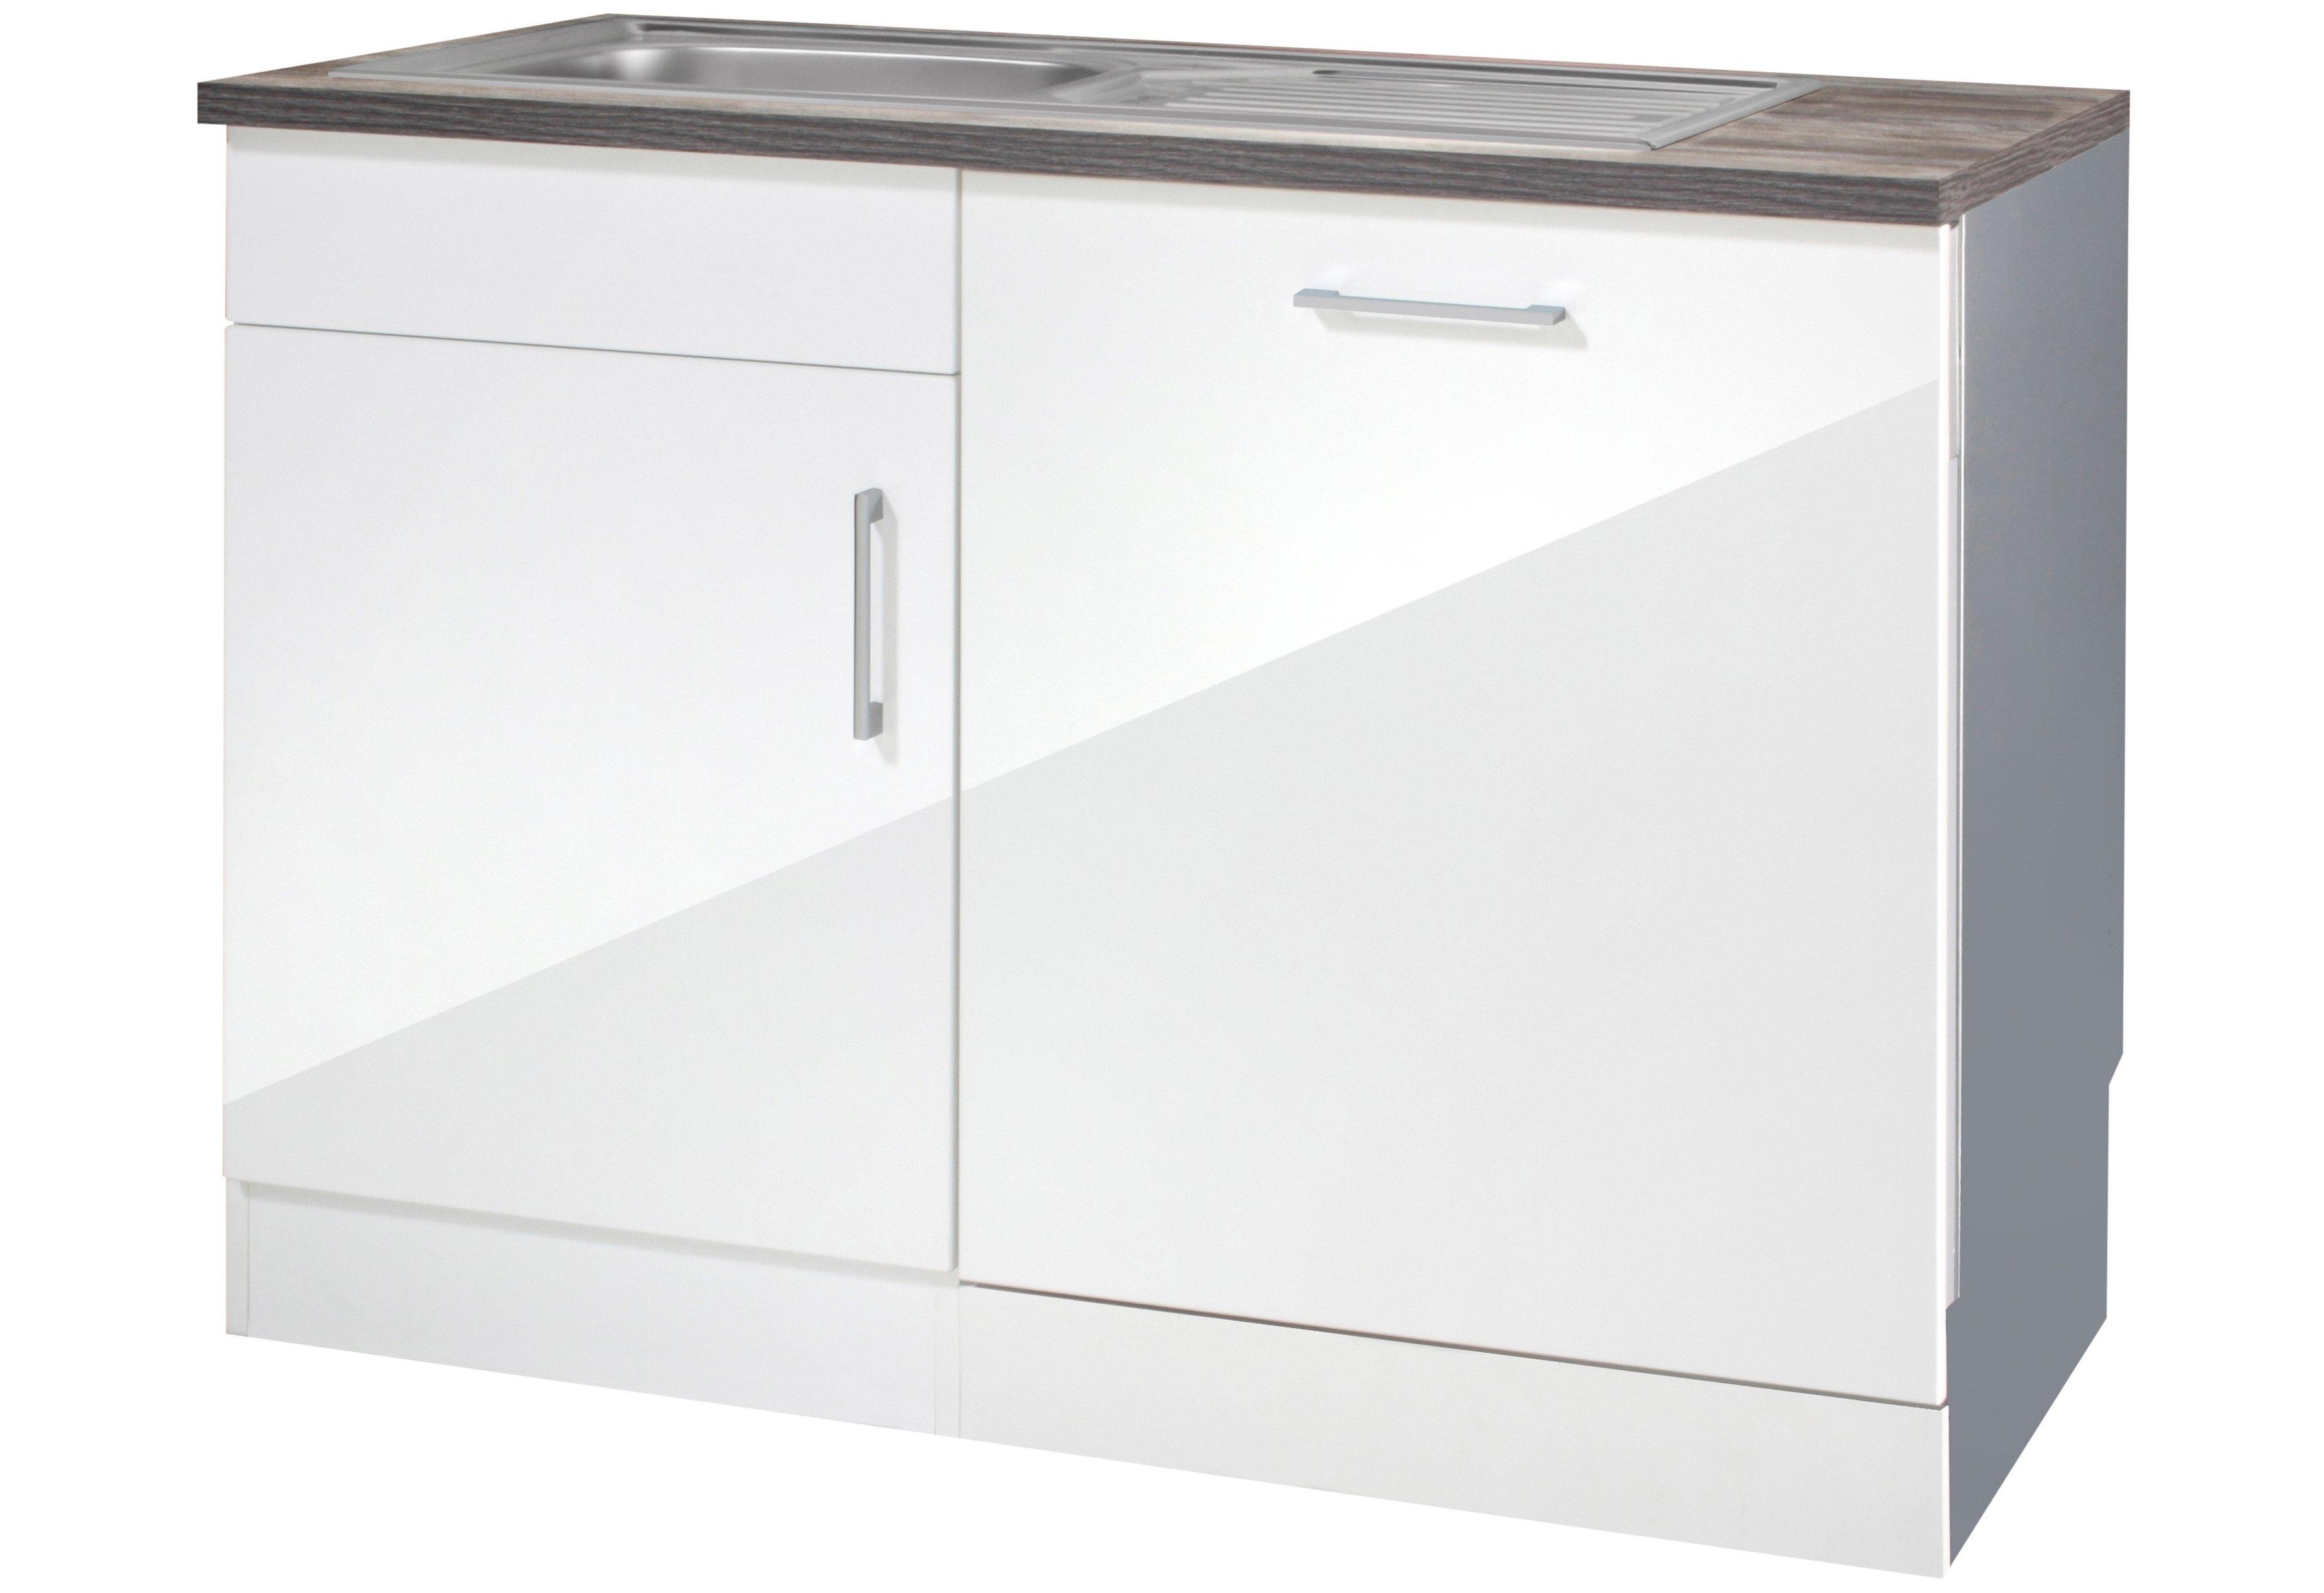 Held Möbel HELD MÖBEL Aanrechtkast »Philadelphia«, breedte 110 cm veilig op otto.nl kopen